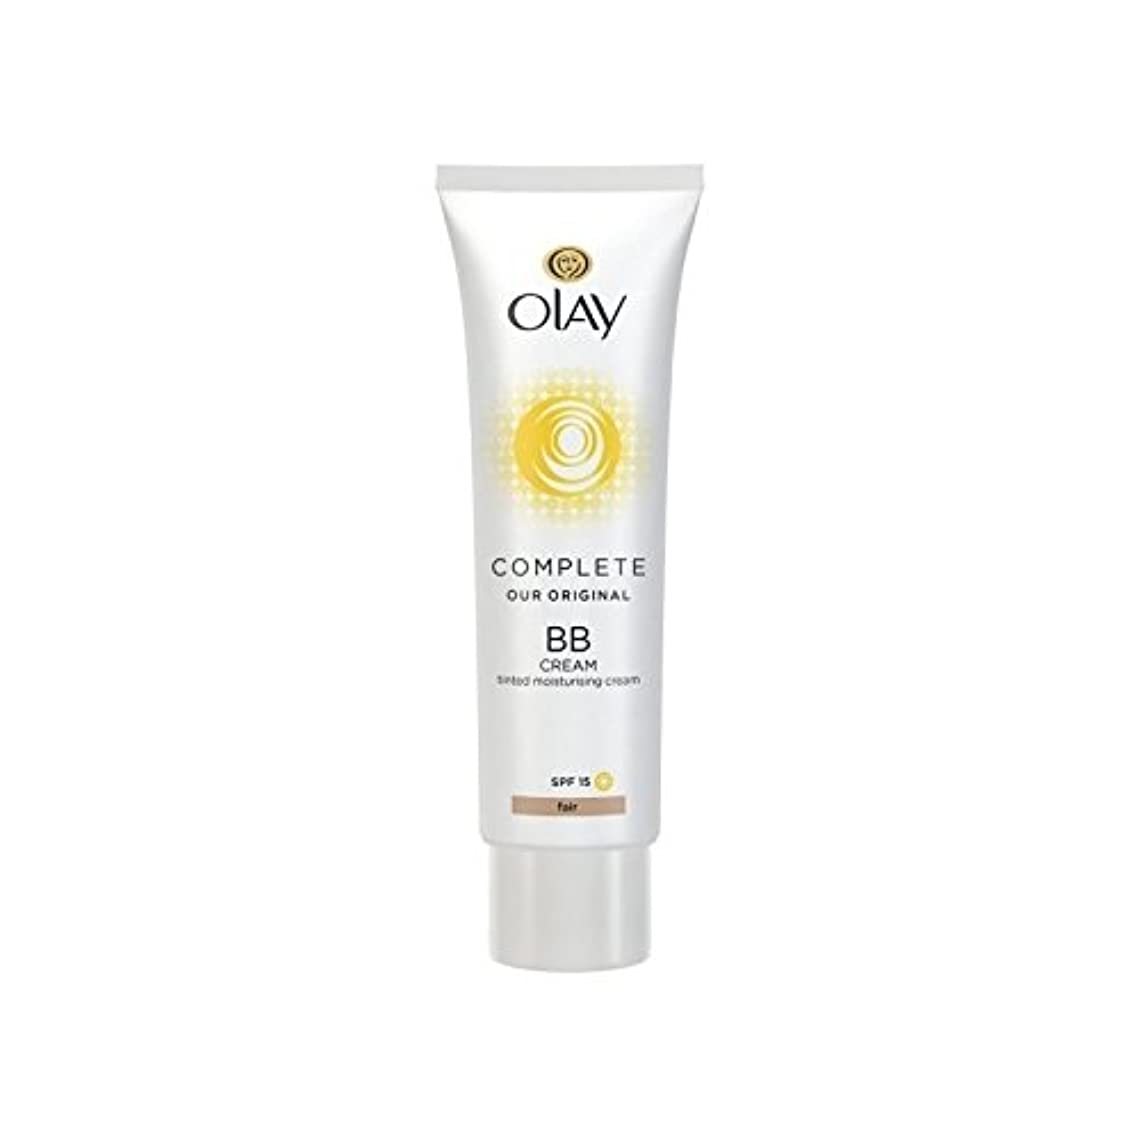 発火する連続的反応するOlay Complete BB Cream Fair SPF15 50ml (Pack of 6) - オーレイ完全なクリーム15フェアの50ミリリットル x6 [並行輸入品]